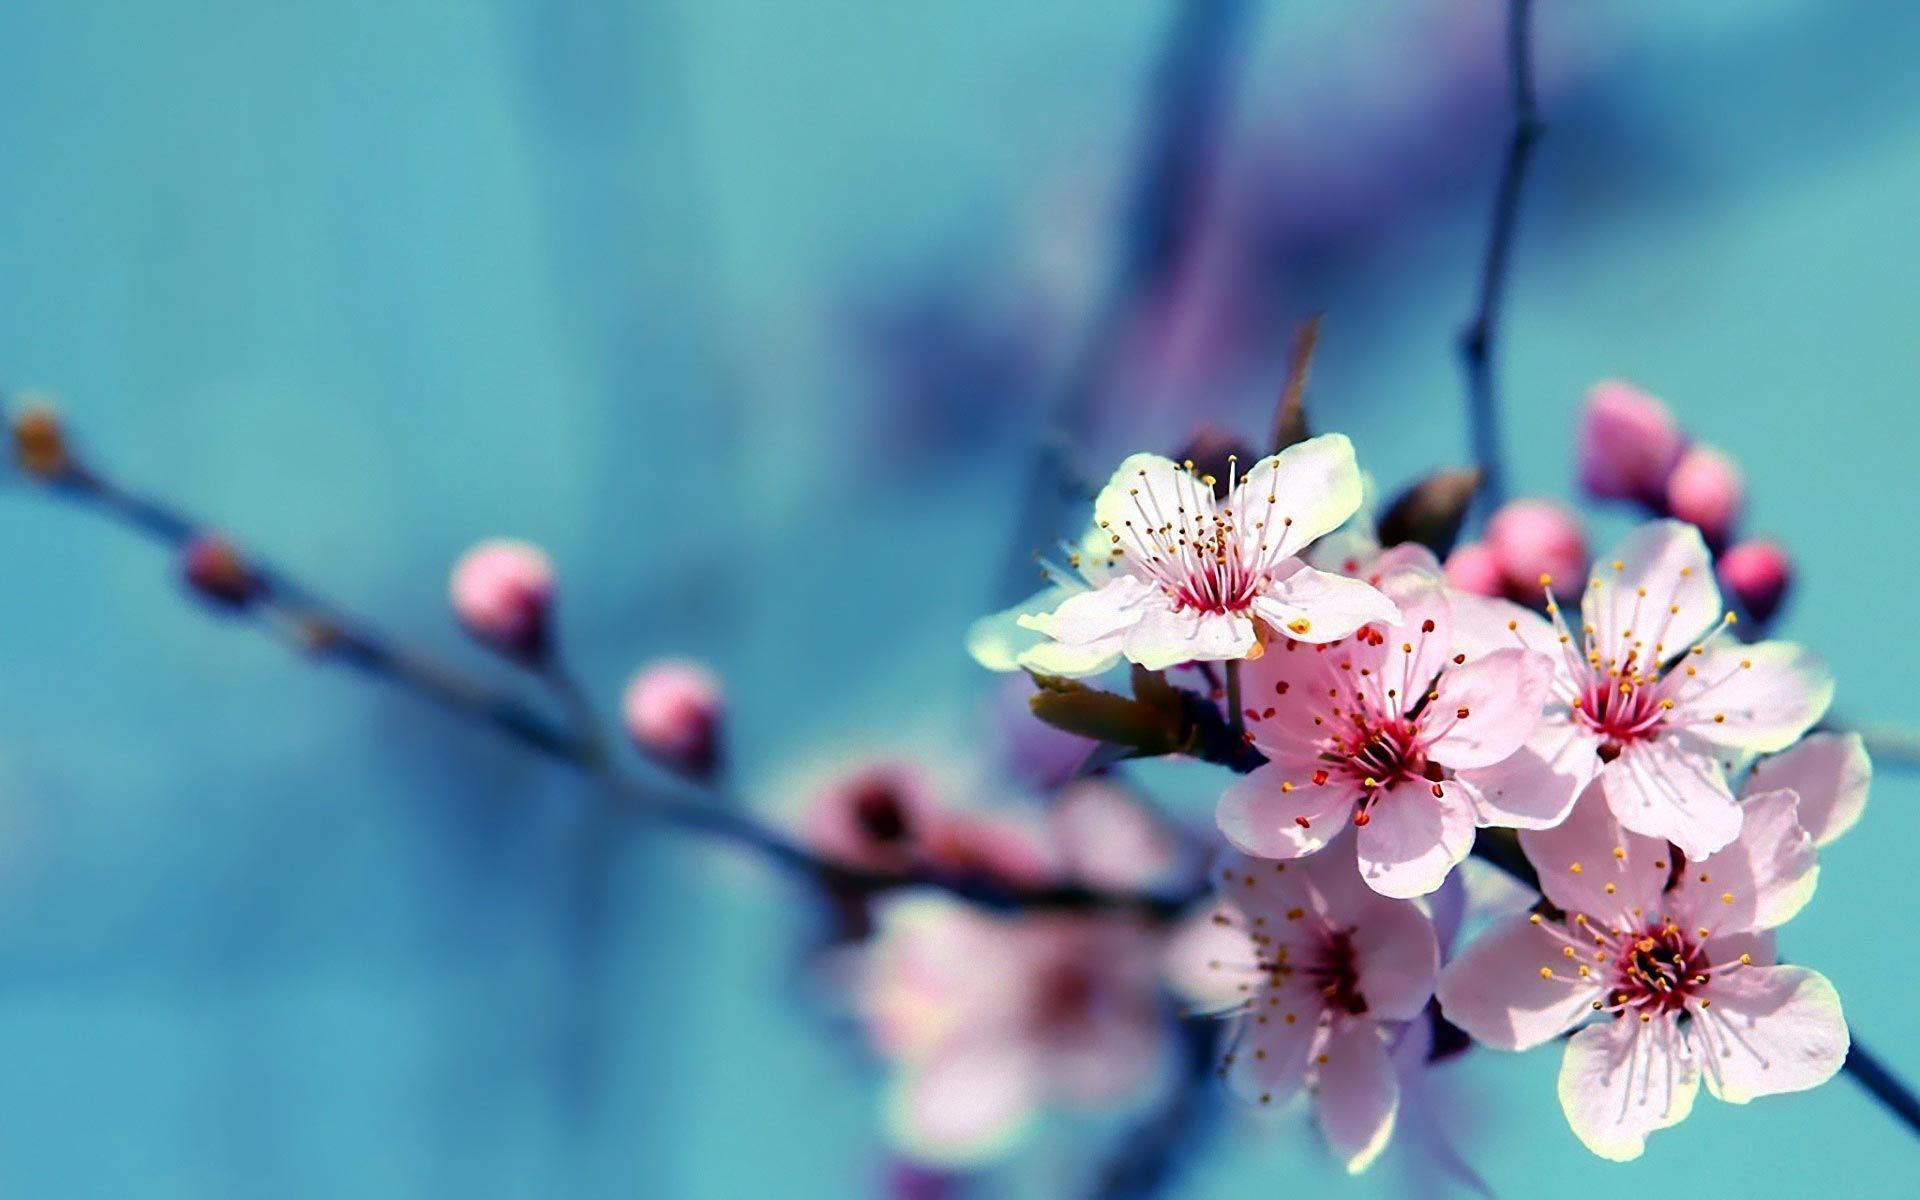 Flower Wallpaper : Find Best Latest Flower Wallpaper In HD